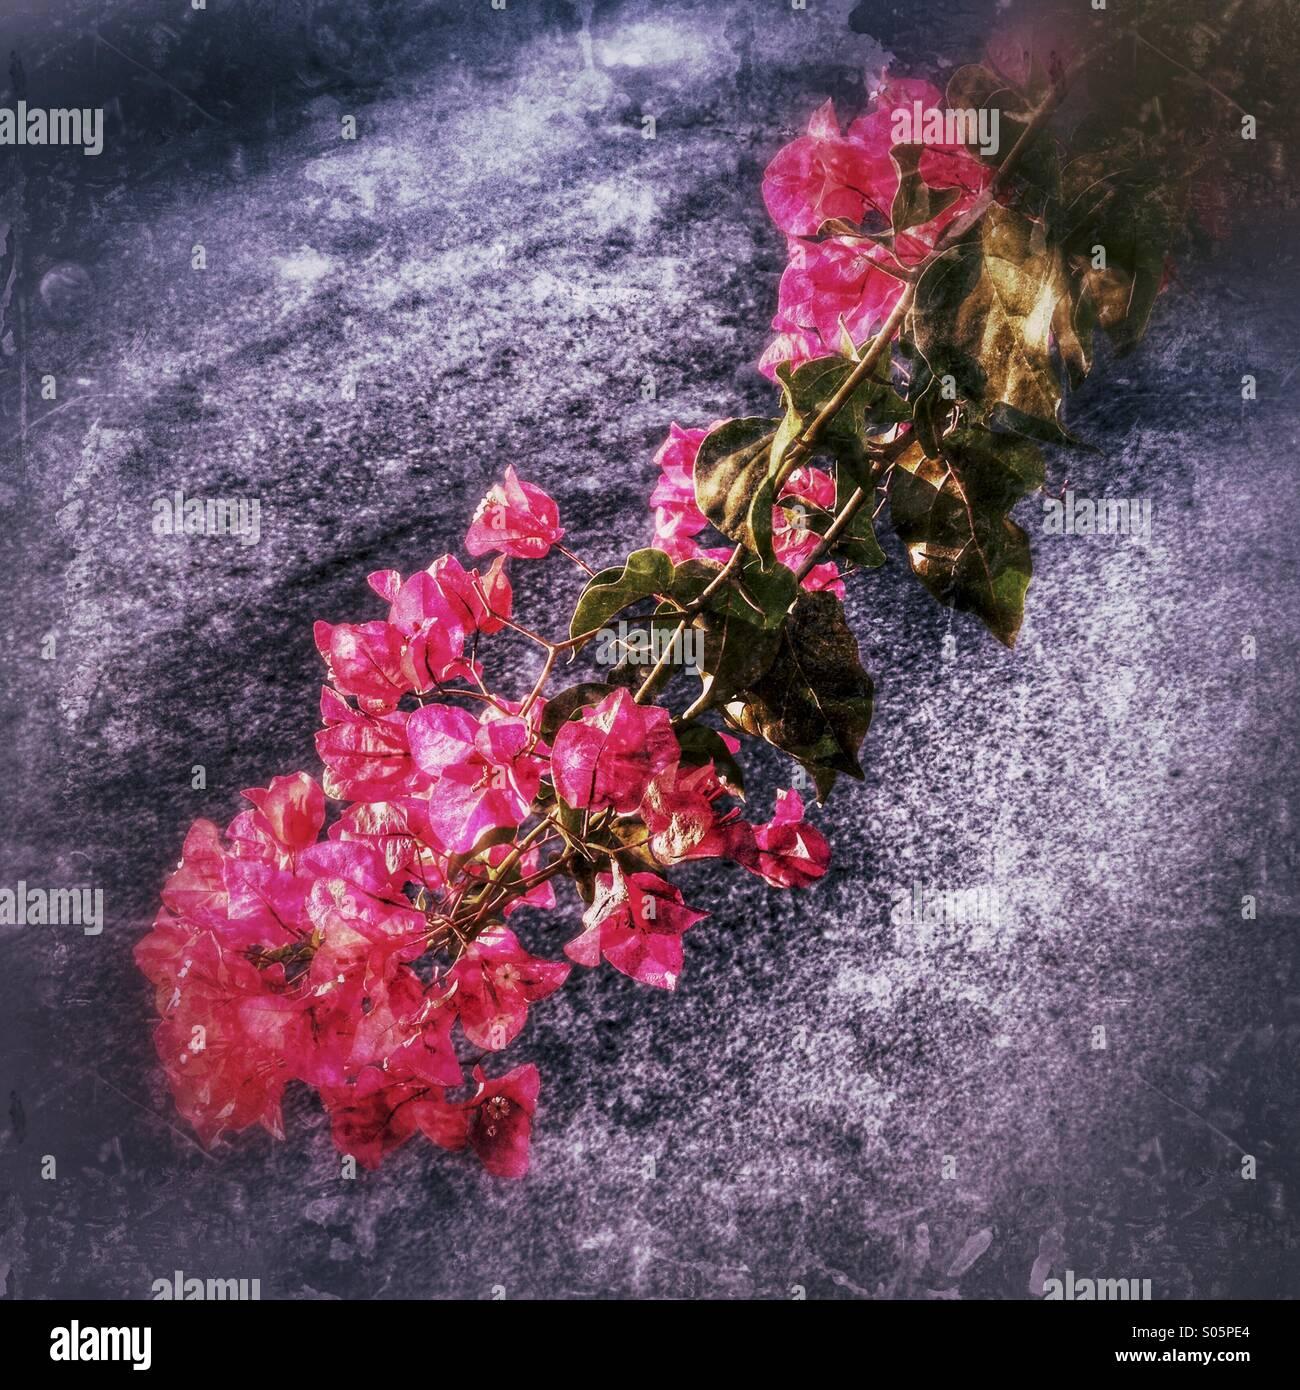 Les fleurs rouges contre un arrière-plan gris Photo Stock